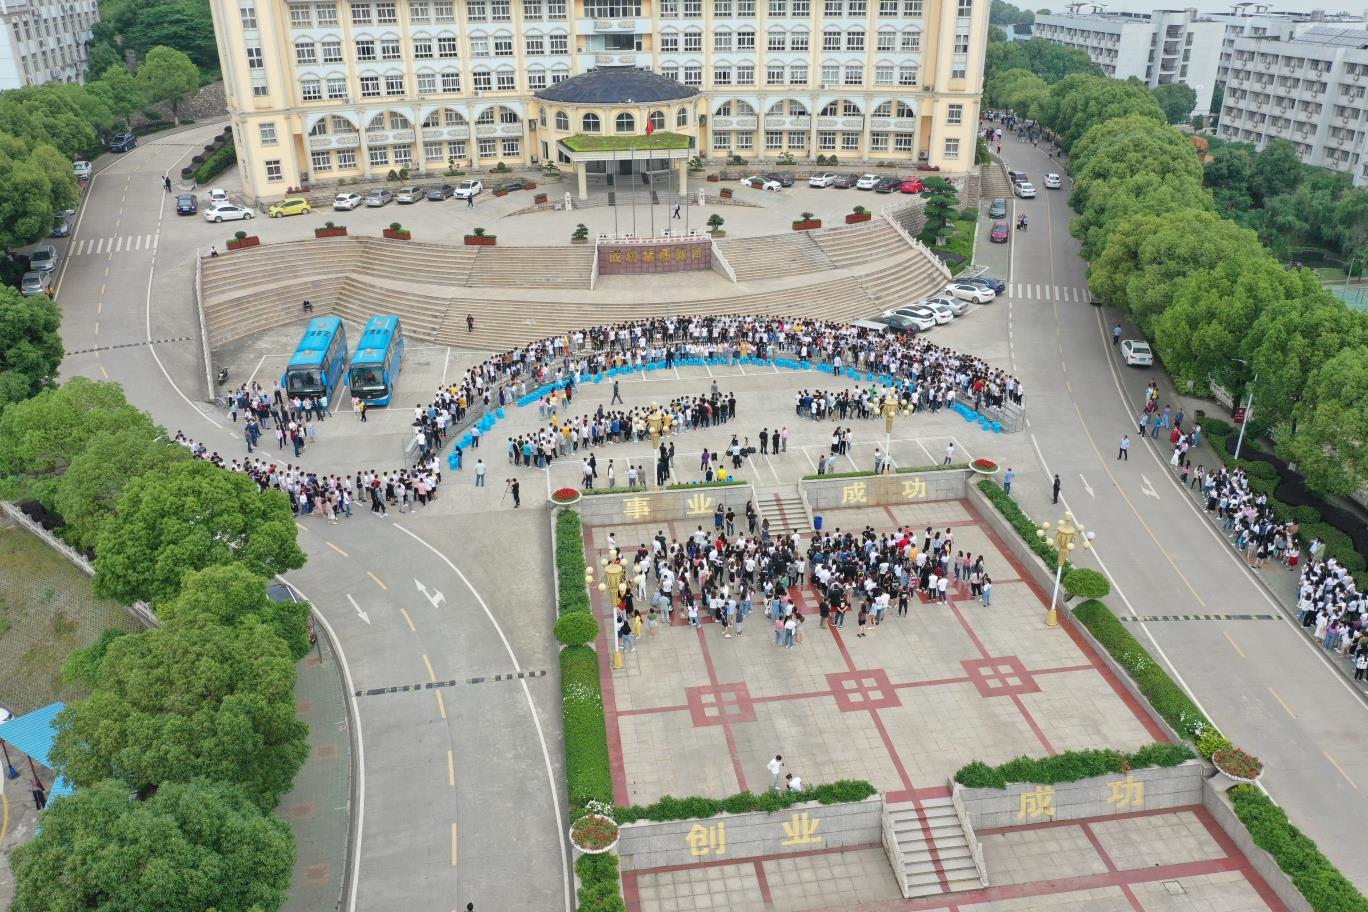 武昌理工学院拍千人合影毕业照,太壮观!